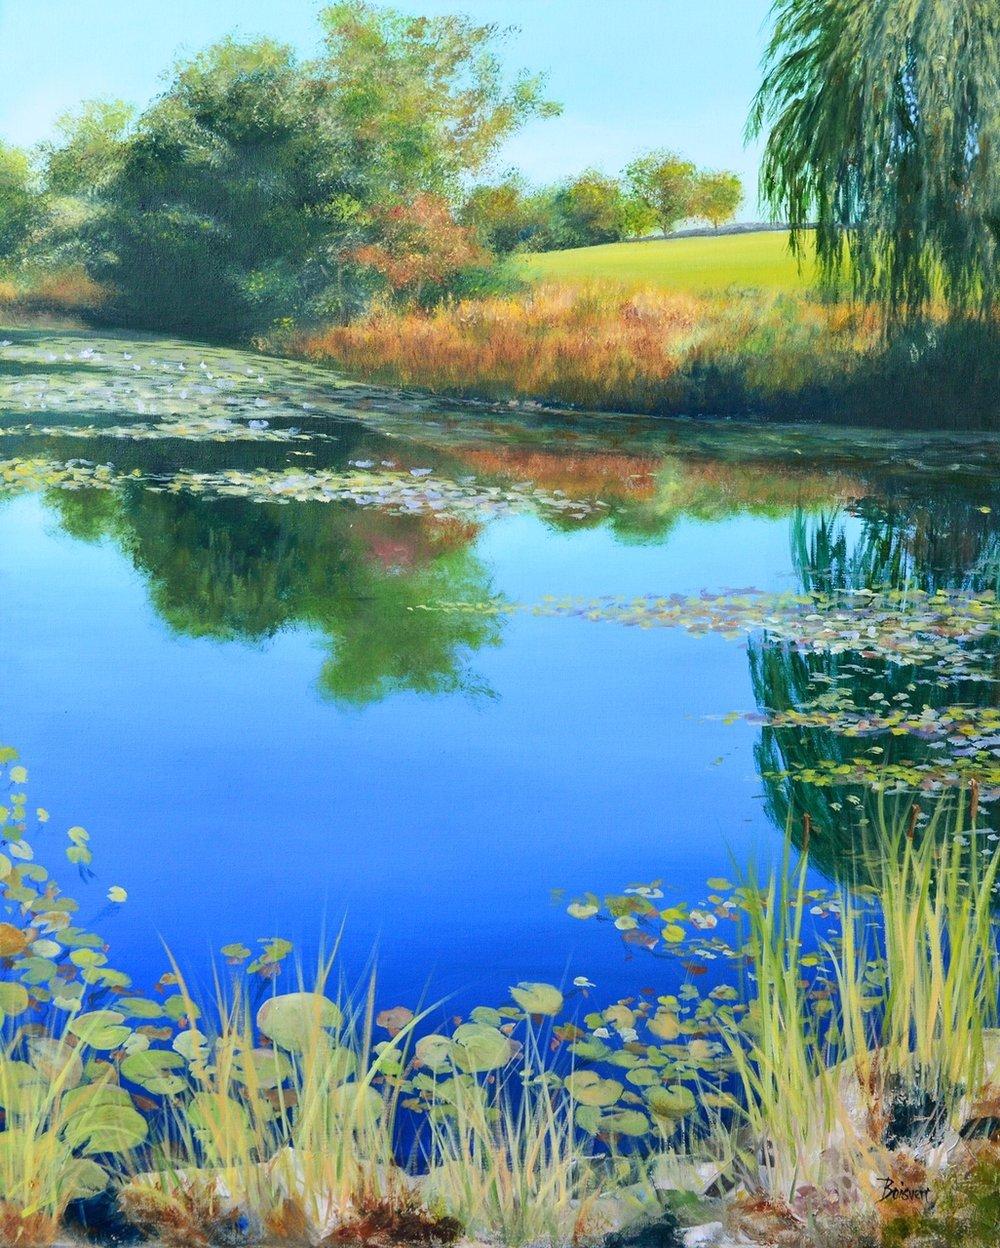 """Linda Boisvert-DeStefanis's """"Reflections on Pond"""" (right)"""